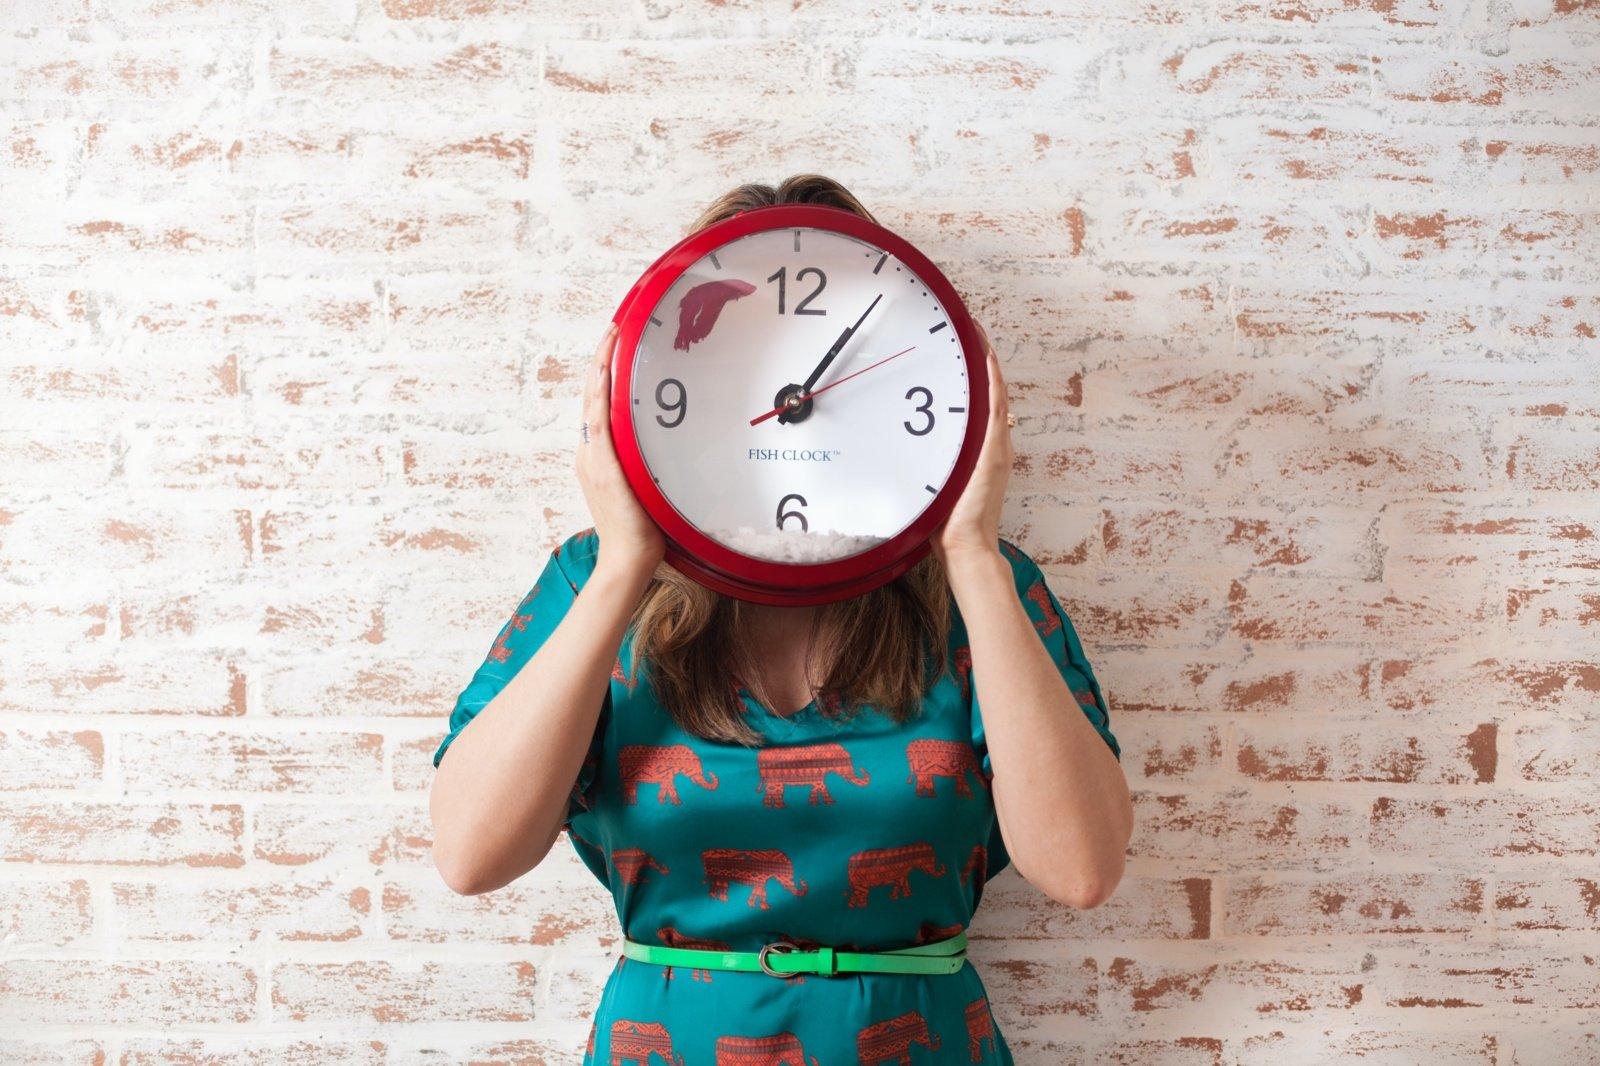 Kaip gimimo valanda veikia žmogaus charakterį ir likimą?